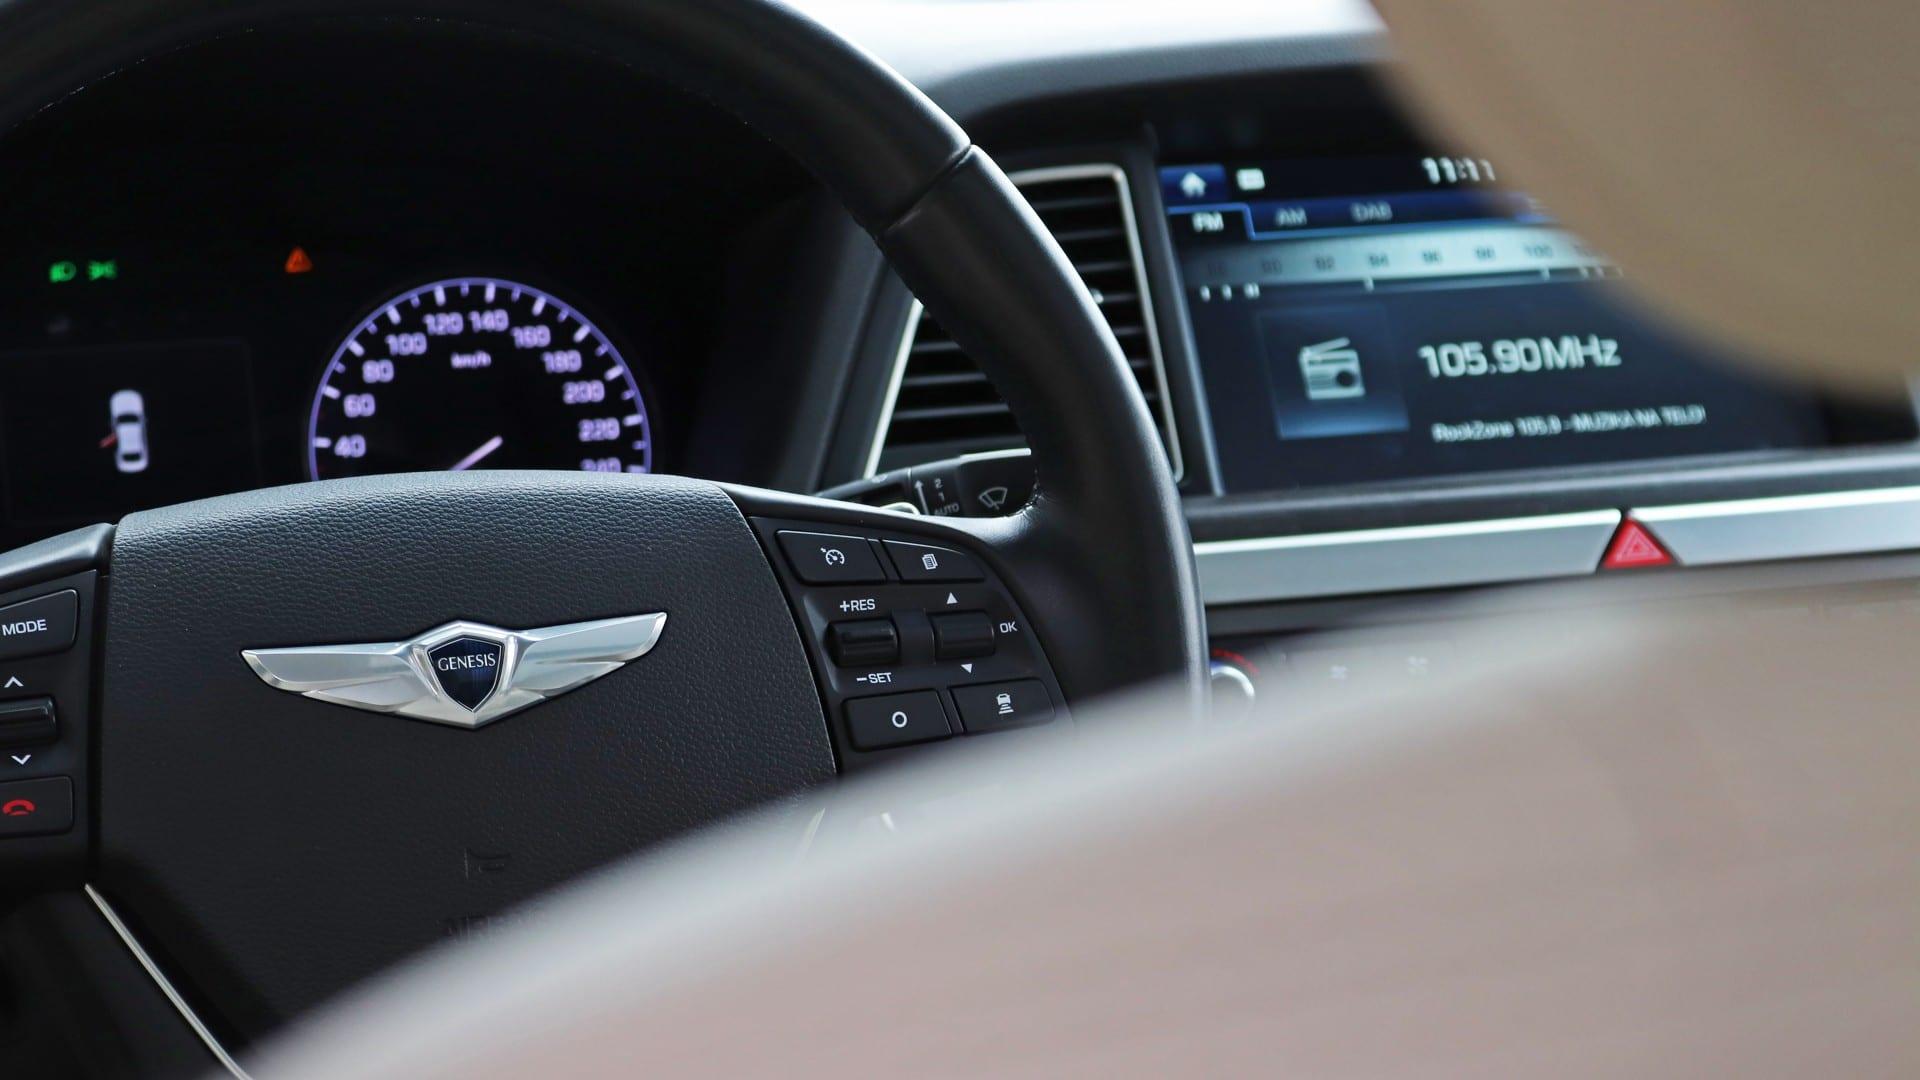 Test - Hyundai Genesis 3.8 GDI V6